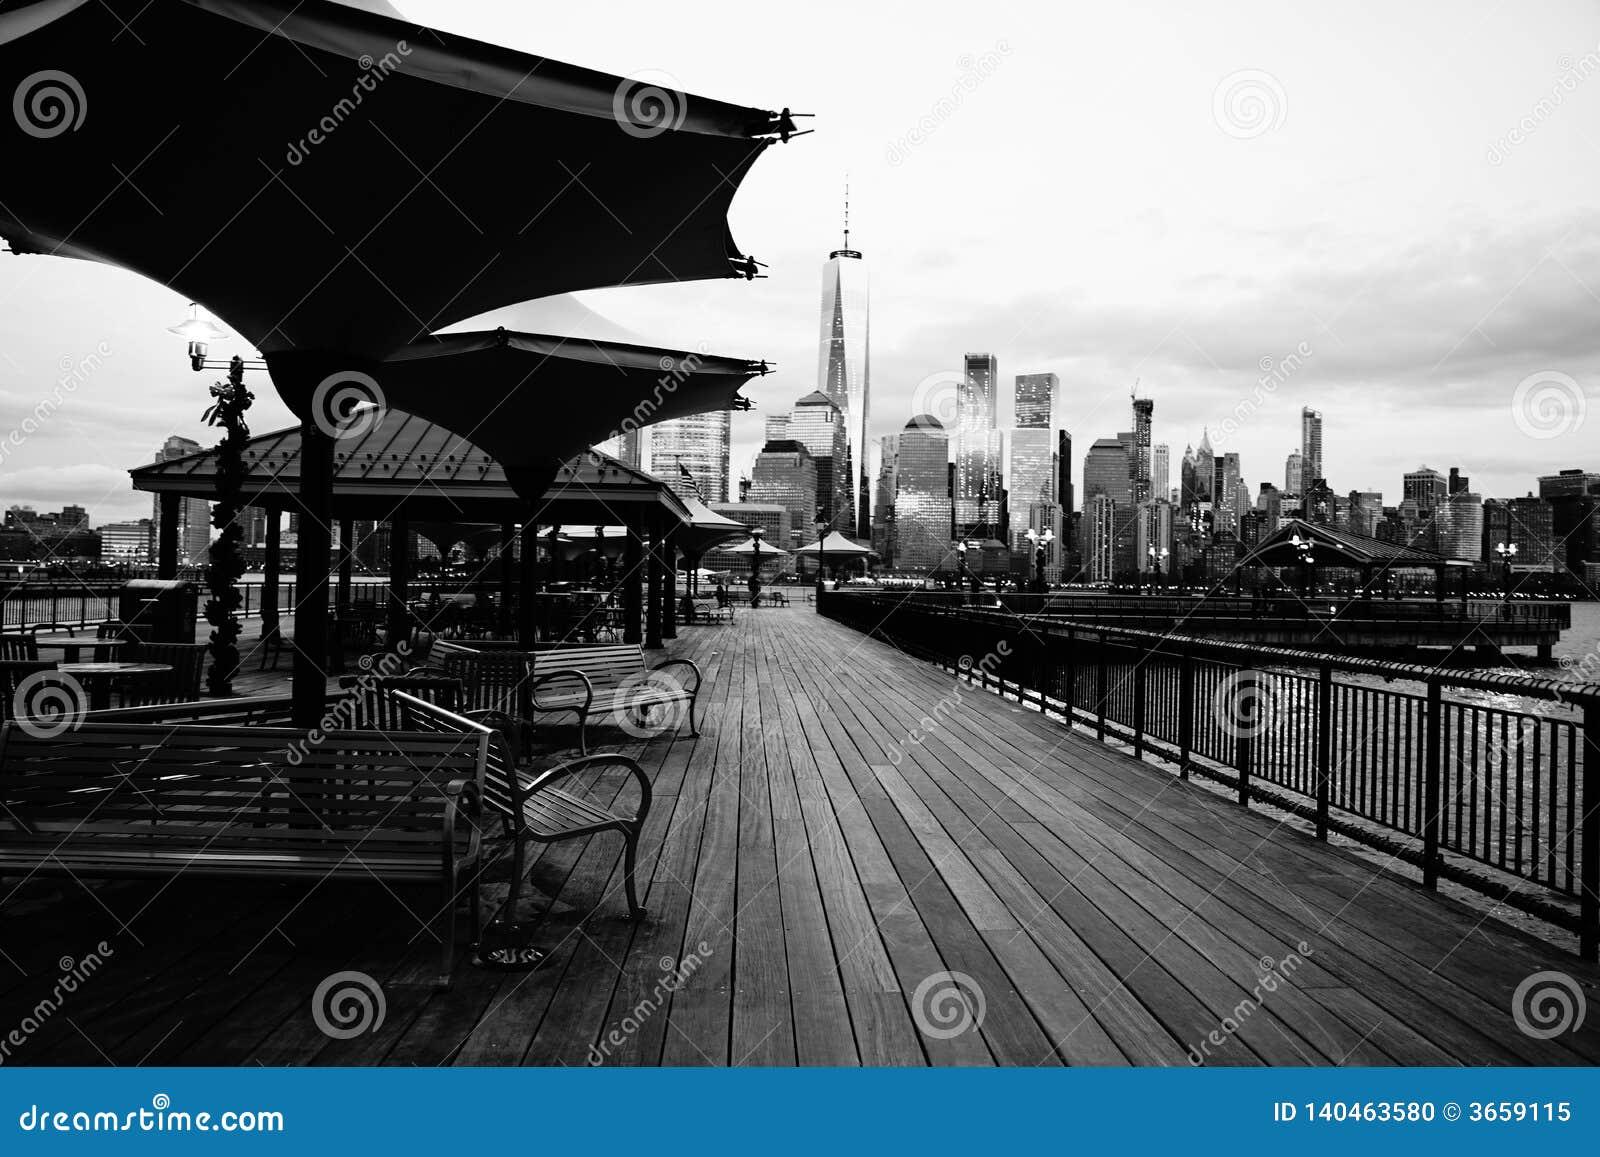 Jersey City, NJ/EUA - 01 01 2019: Vista excitante de New York City de J Owen Grundy Park, New-jersey